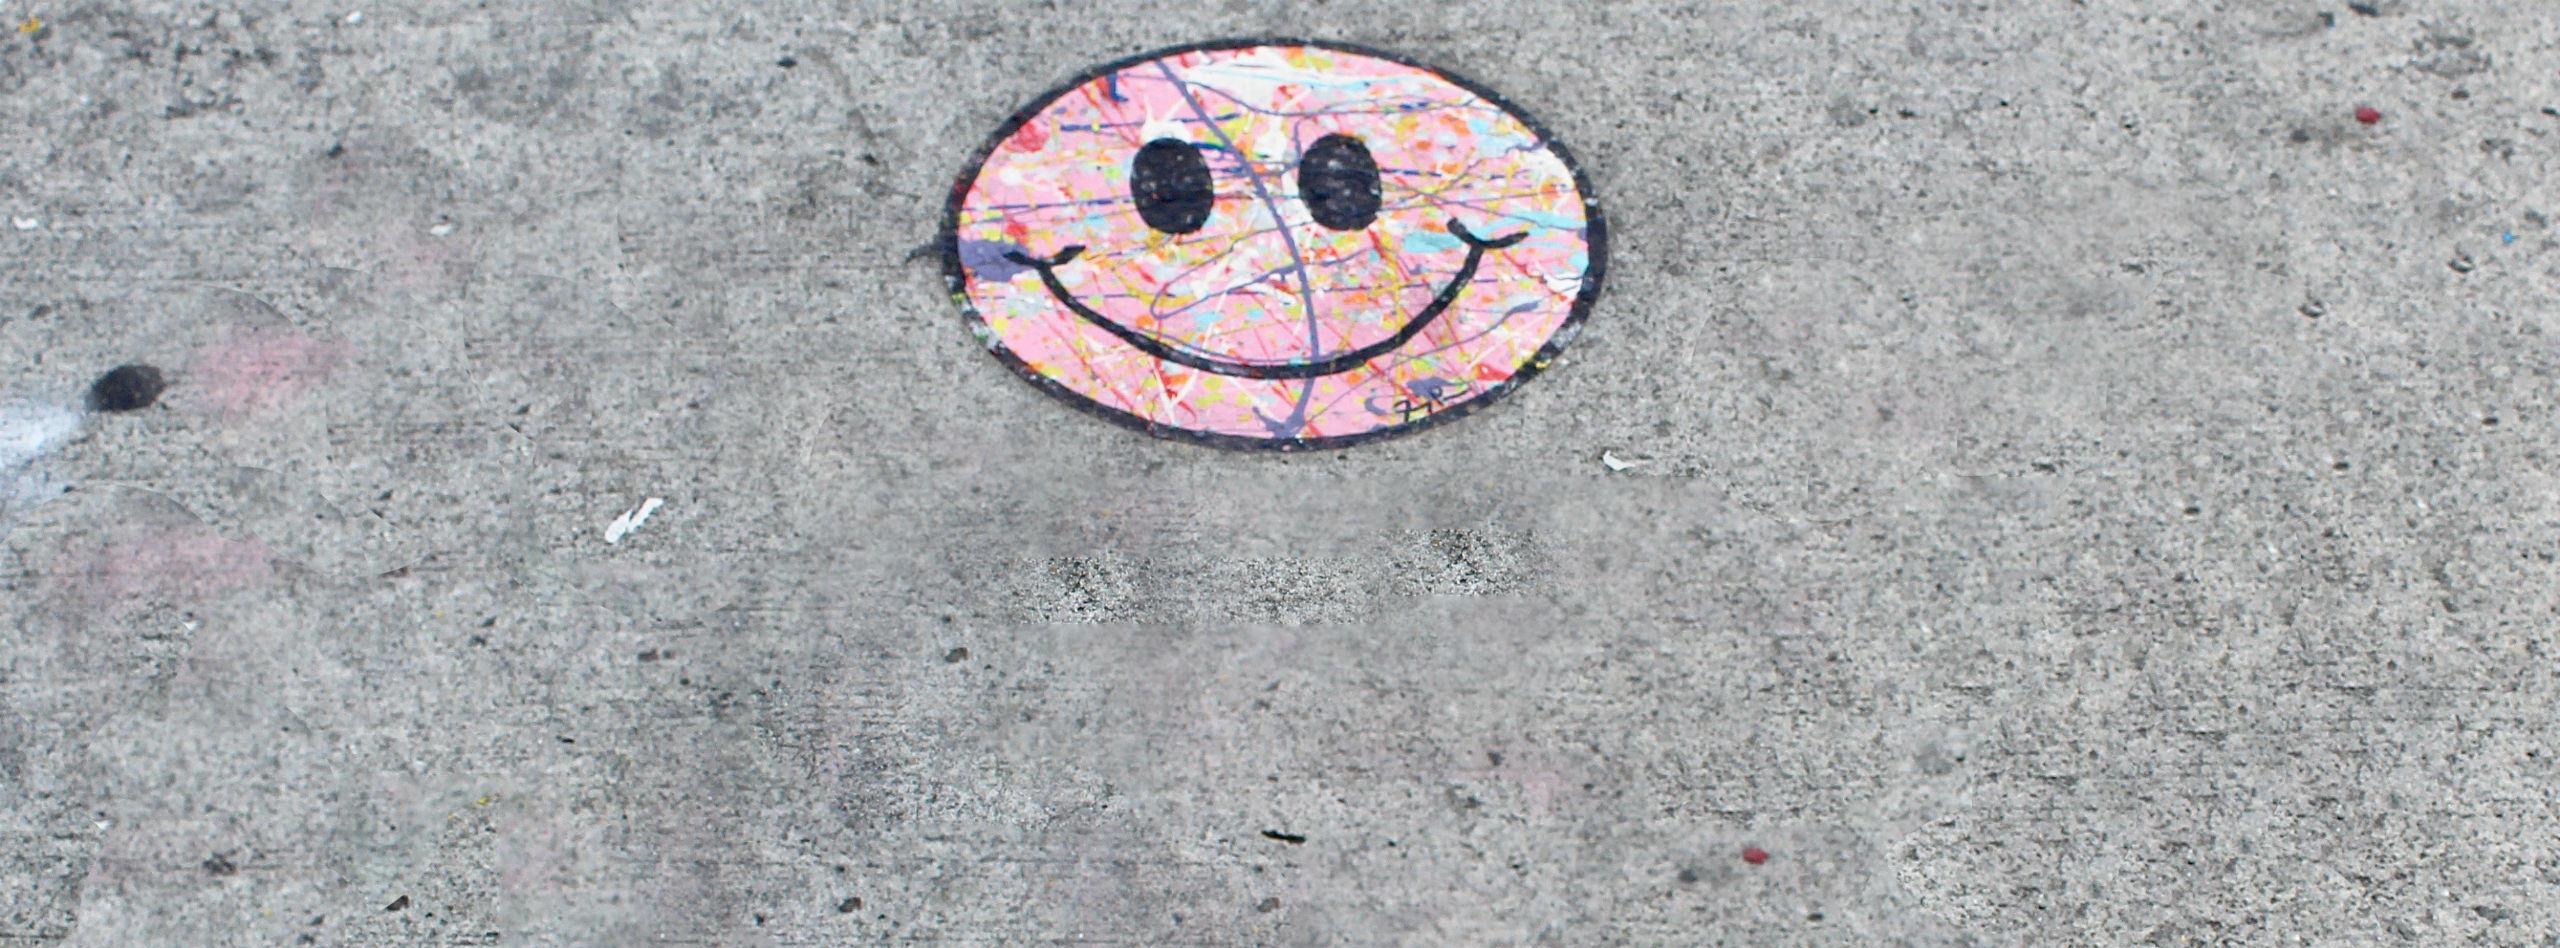 И смех, и слезы: эмодзи в контексте интеллектуальной собственности